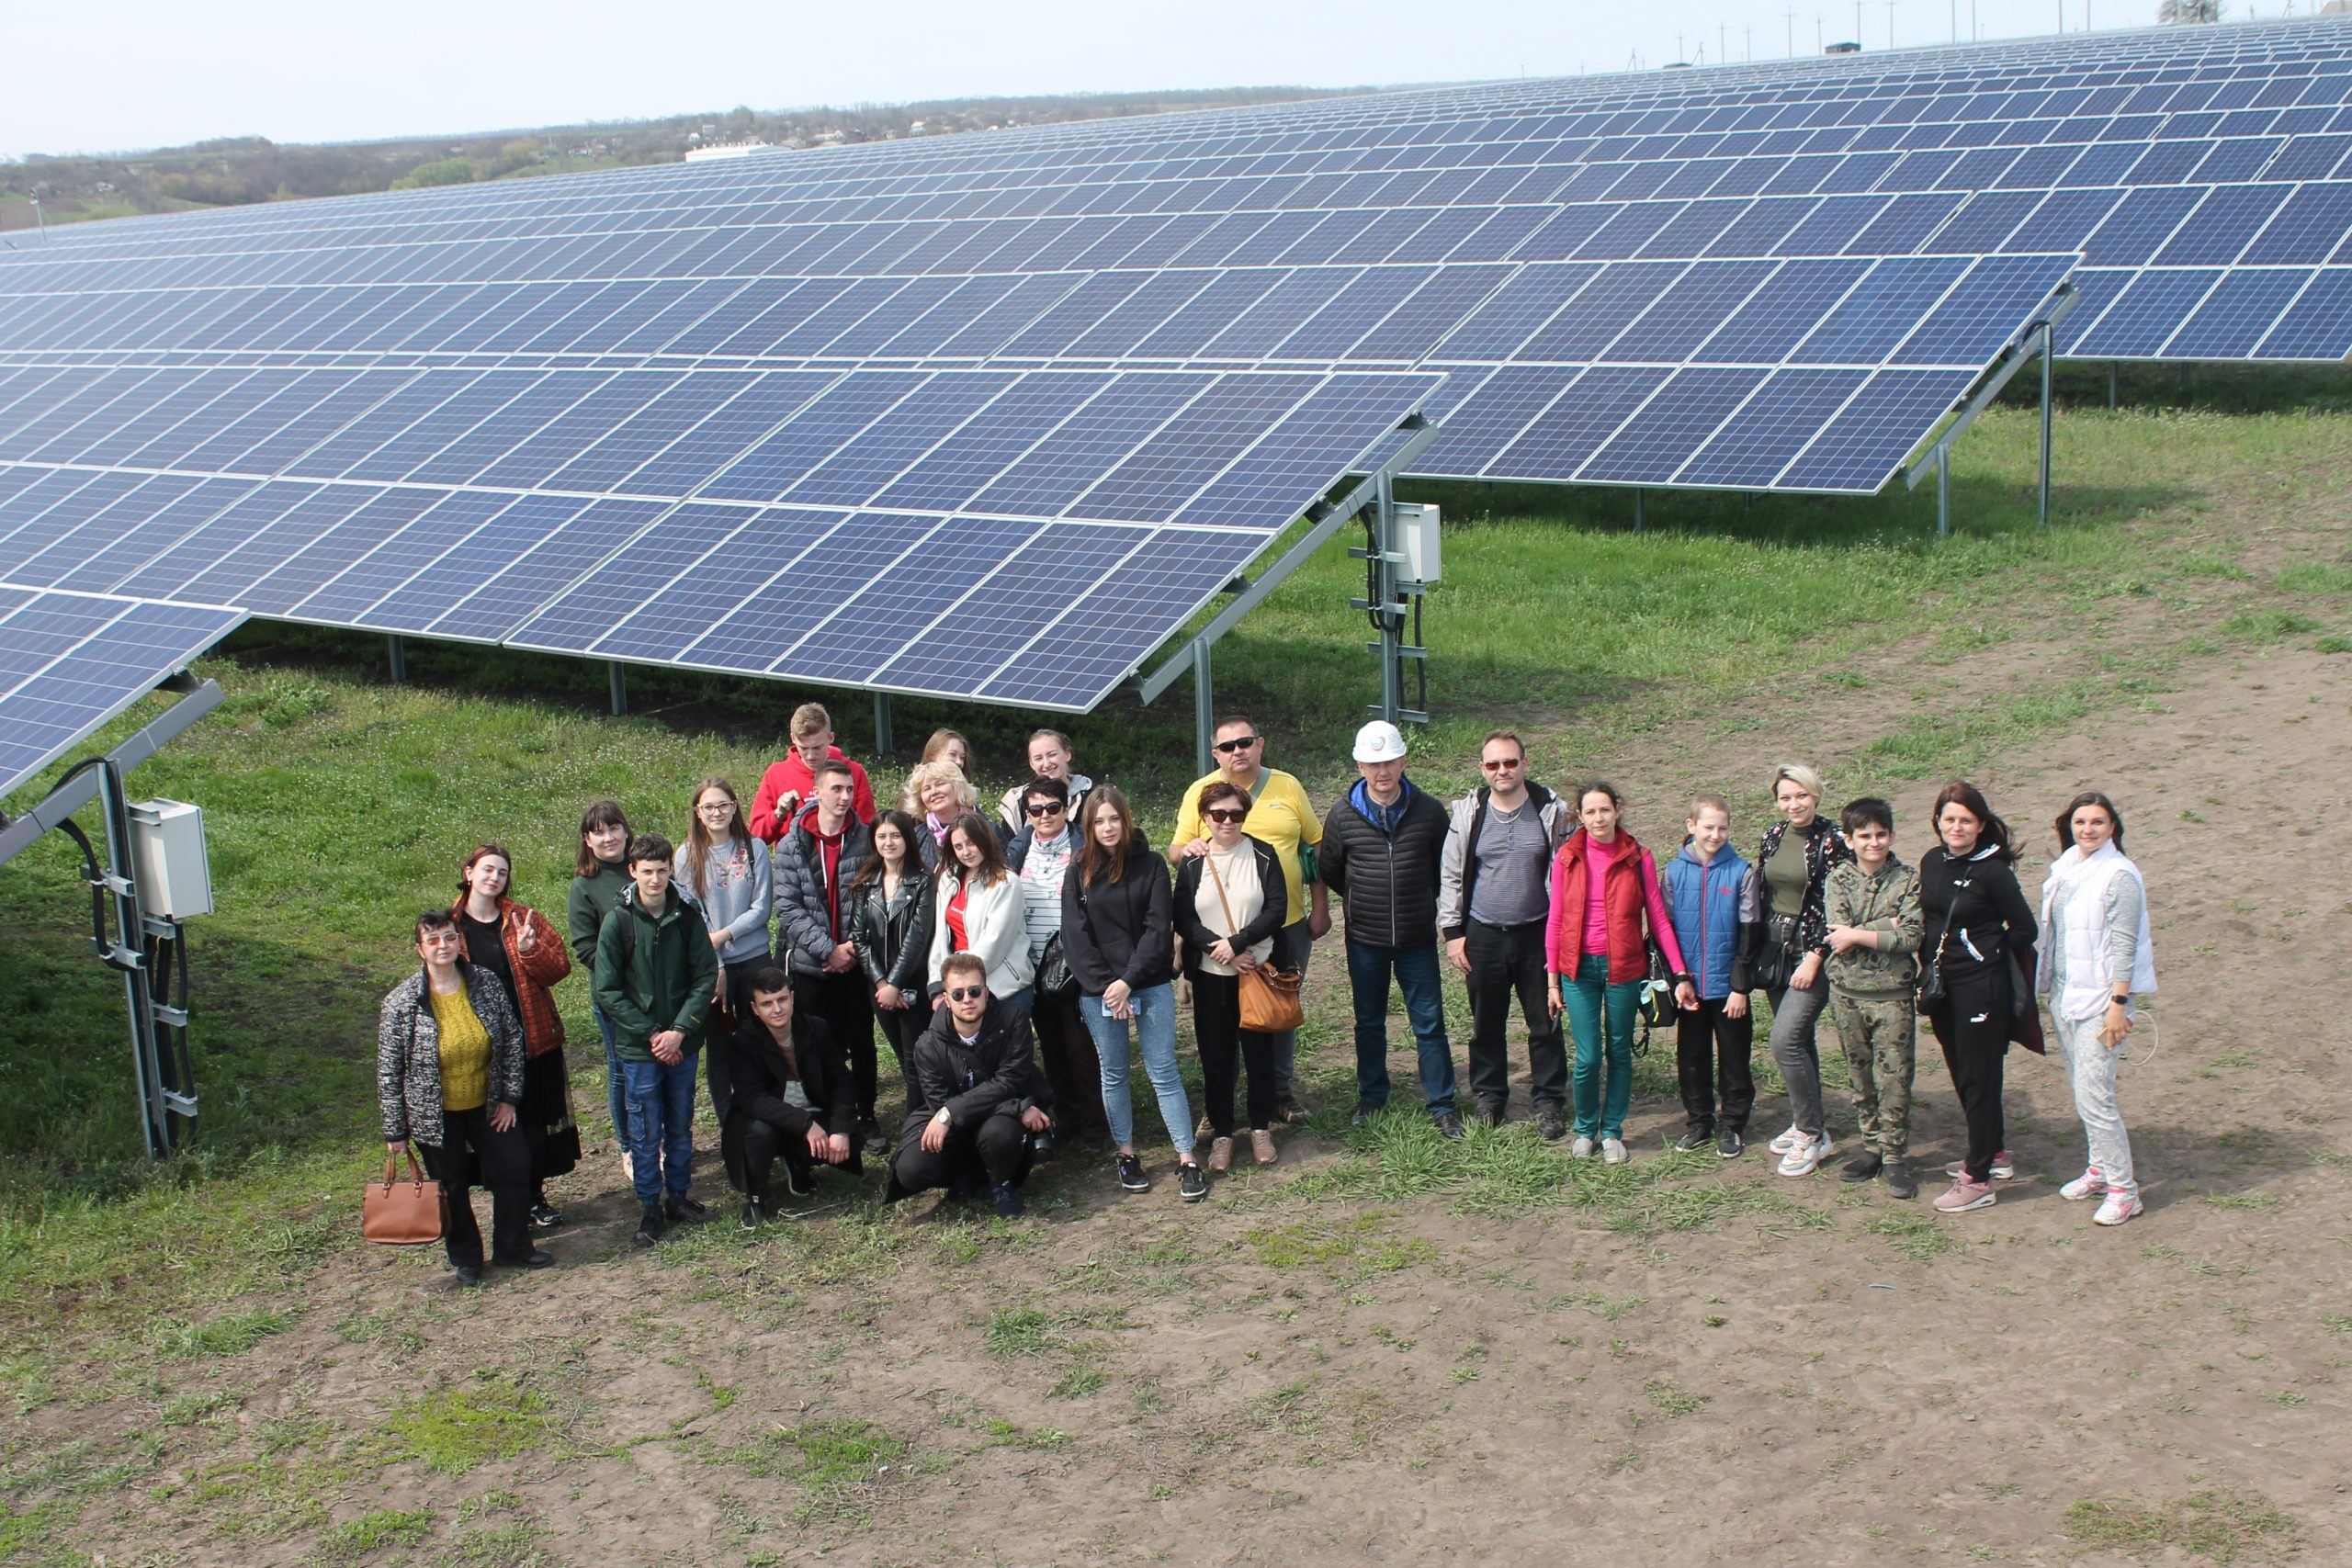 Учасники курсу з підприємництва відвідали сонячнуелектростанцію (ФОТО)